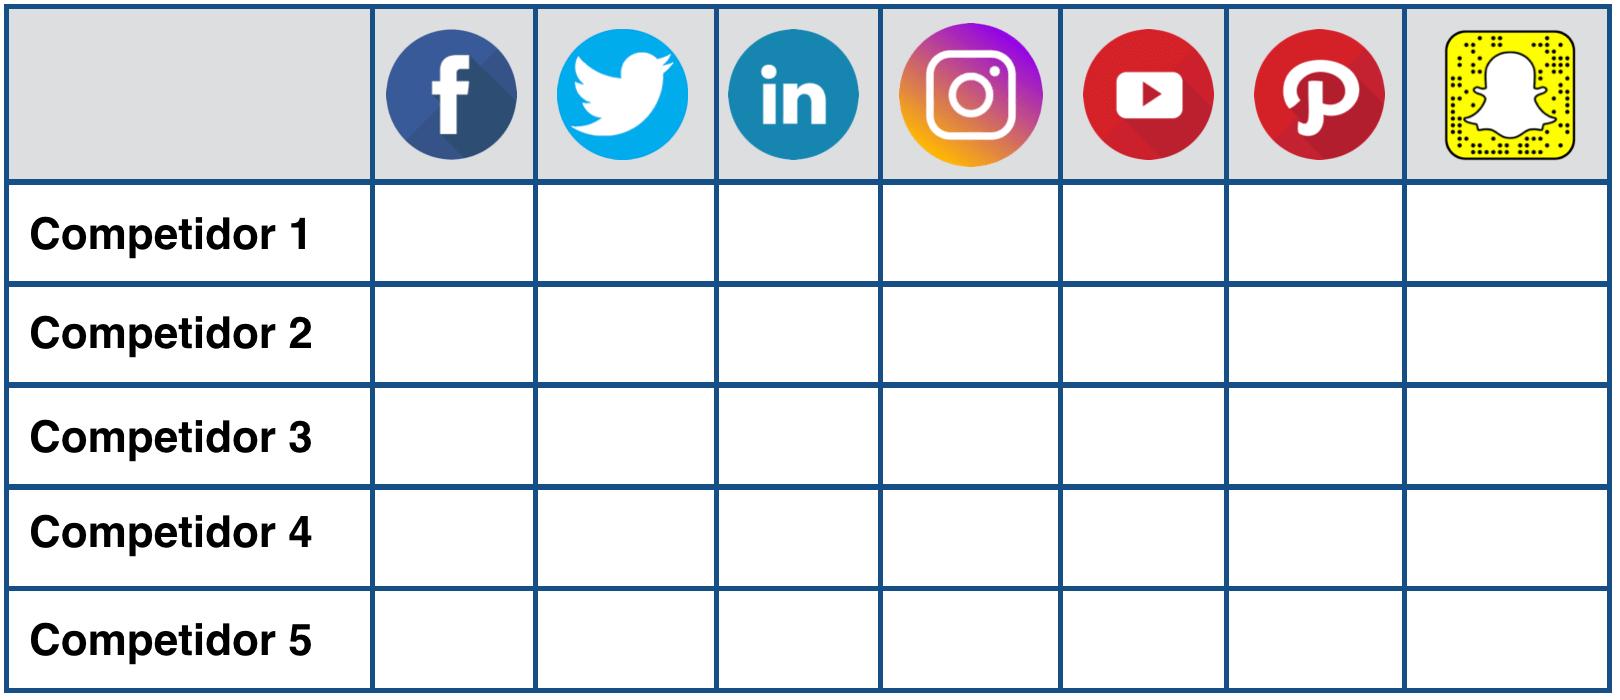 Cómo hacer un Plan de Social Media Marketing [Ejemplos + Plantillas]